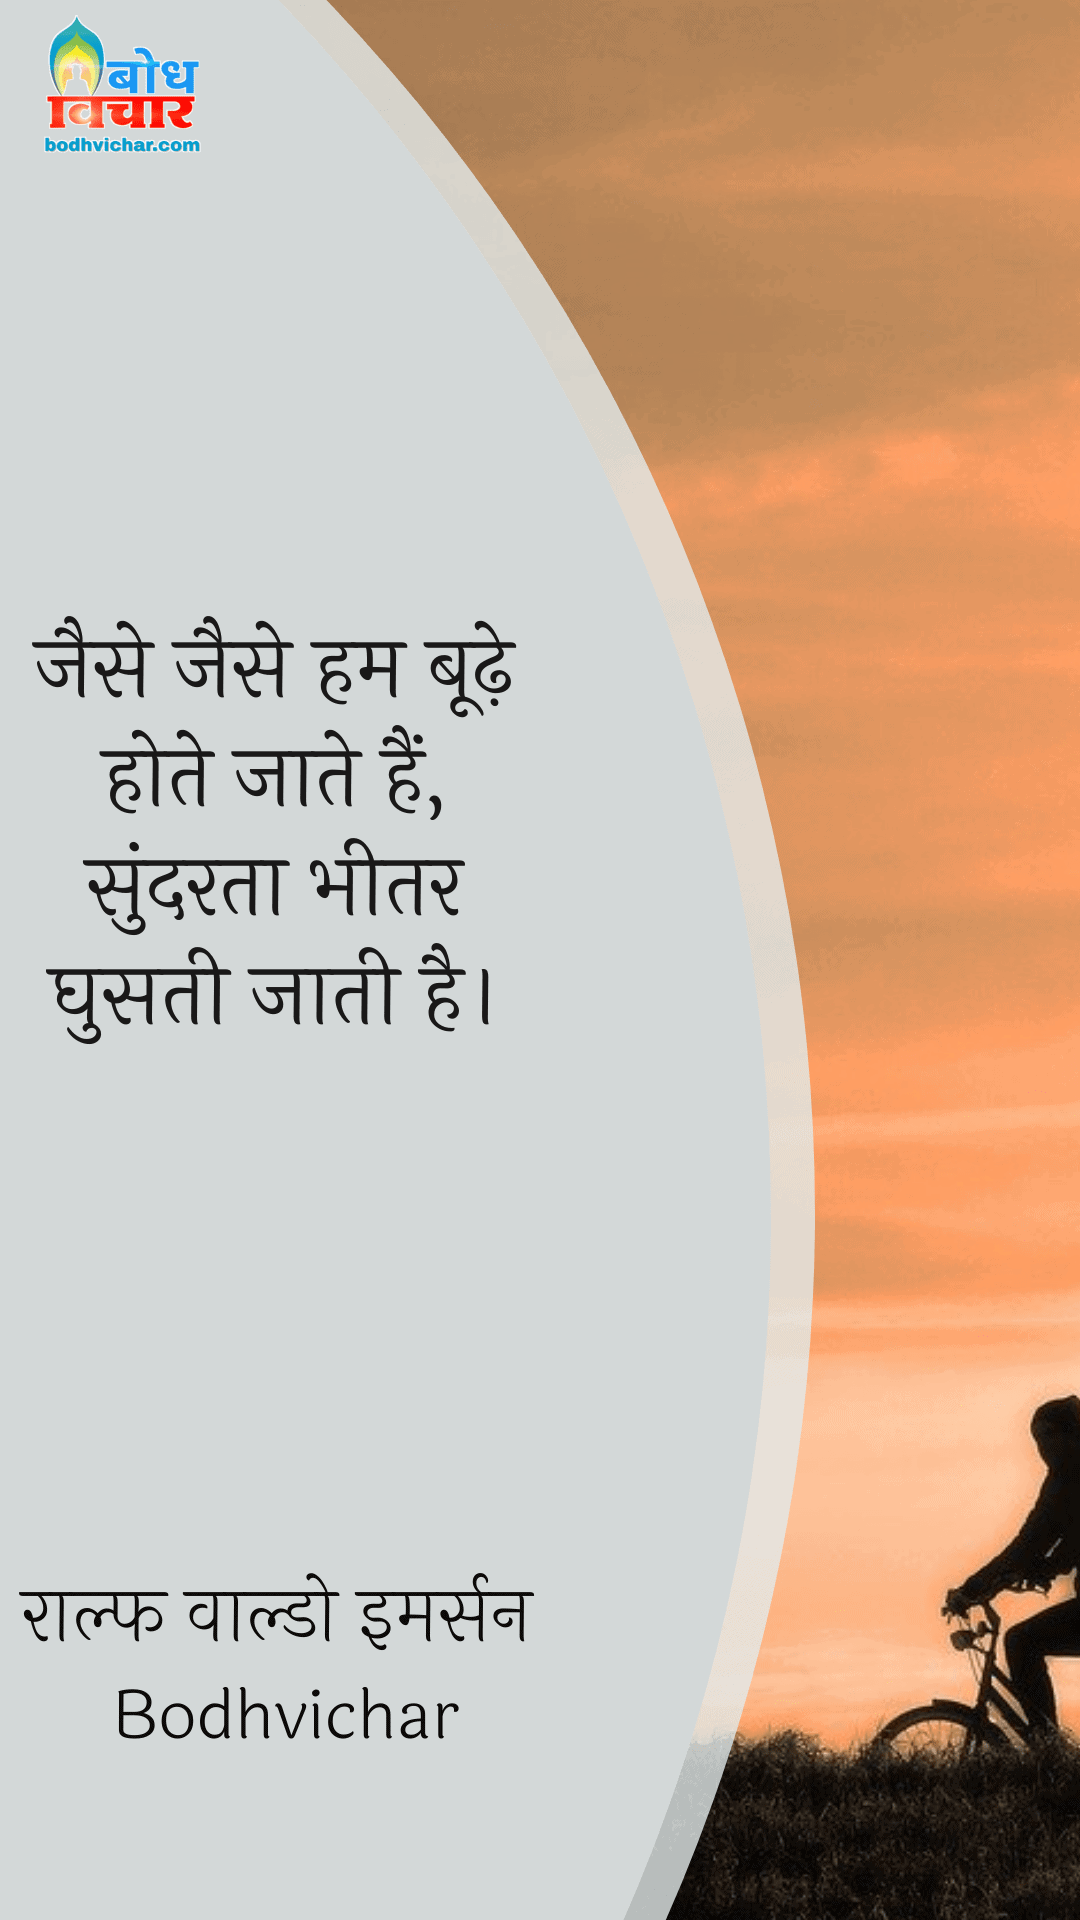 जैसे जैसे हम बूढ़े होते जाते हैं, सुंदरता भीतर घुसती जाती है। : Jaise jaise hum boodhe hote jaate hain, sundarta bheetar ghusti jaati hai. - राल्फ वाल्डो इमर्सन